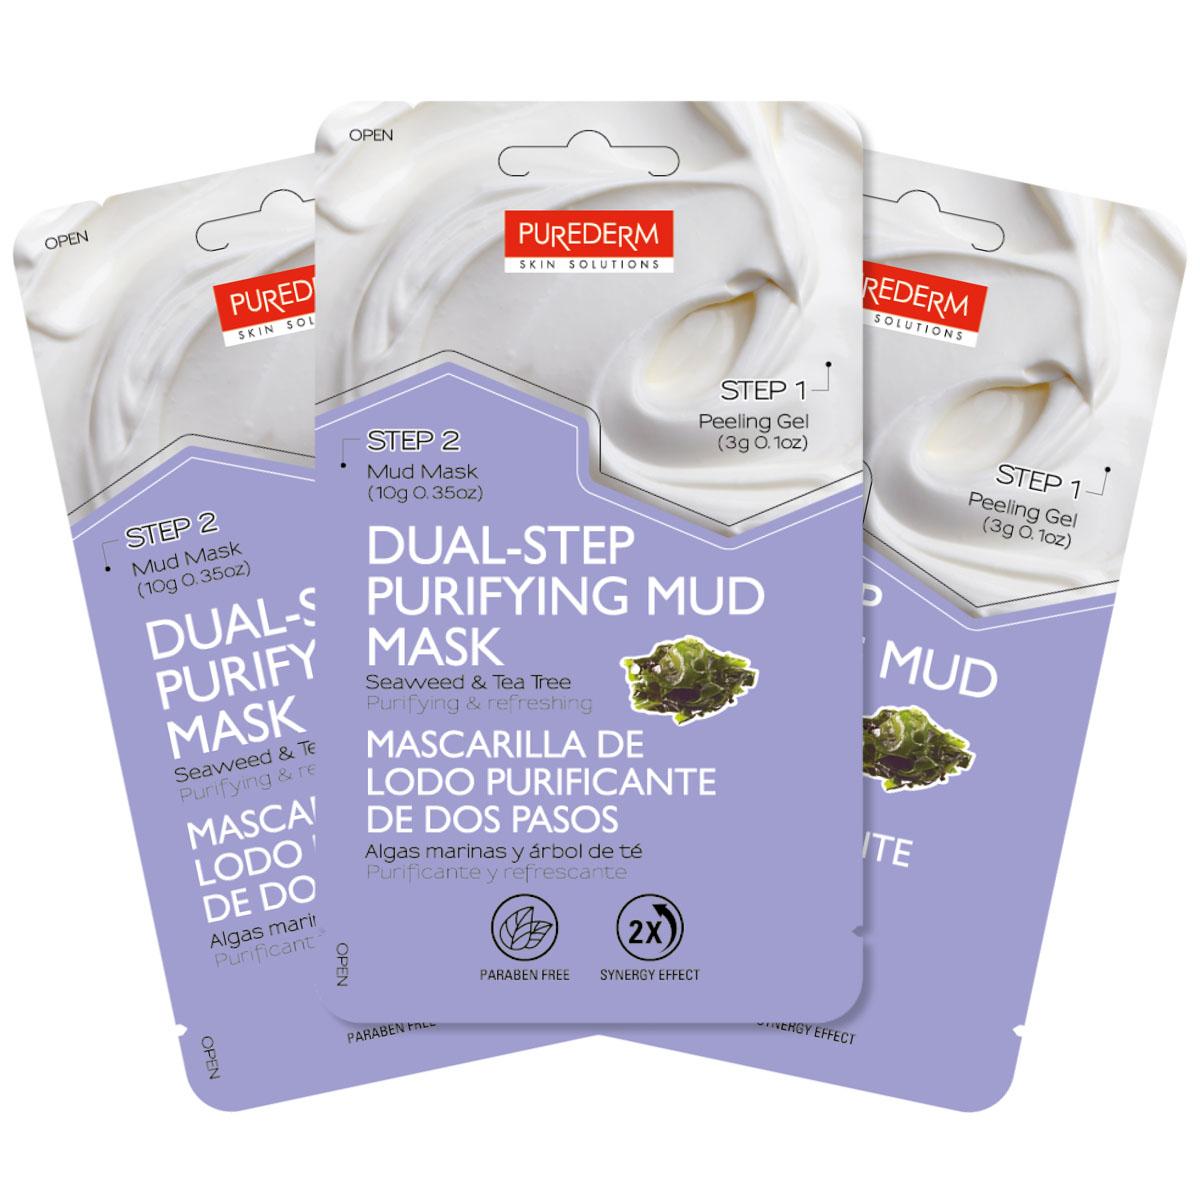 Purederm Набор Двойной уход: Отшелушивающий гель, 3 г + Очищающая грязевая маска с экстрактом водорослей и чайного дерева, 10 г коллагеновая маска purederm с экстрактом кофе 18 г х 3 шт